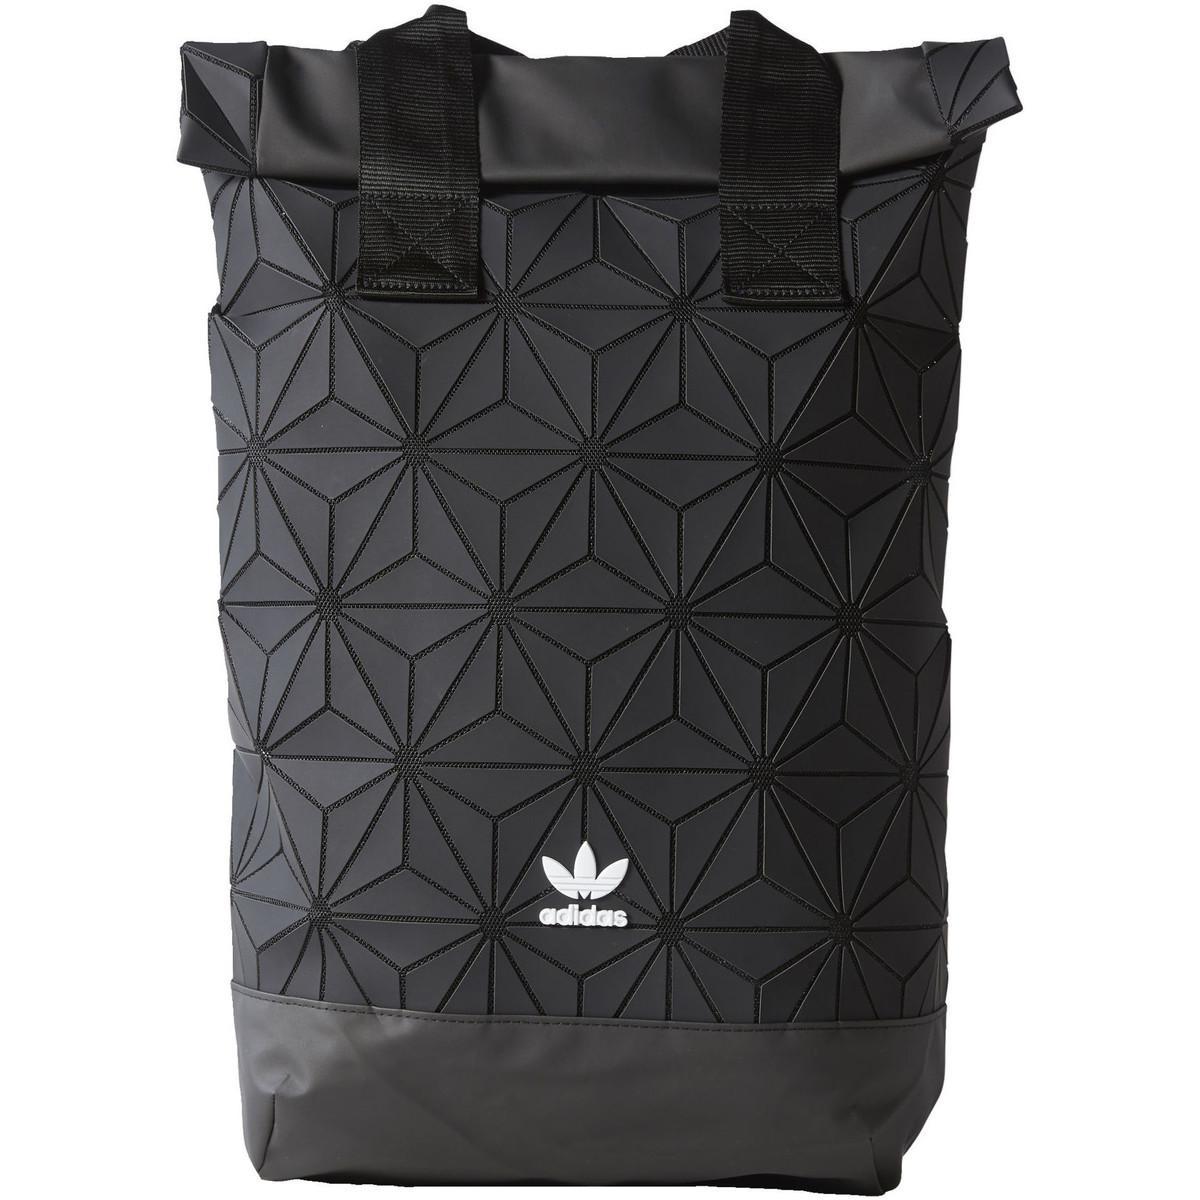 Coloris Black Femmes Pour Top À Homme Sac Roll Dos Adidas 3d Noir En txhQrCsd